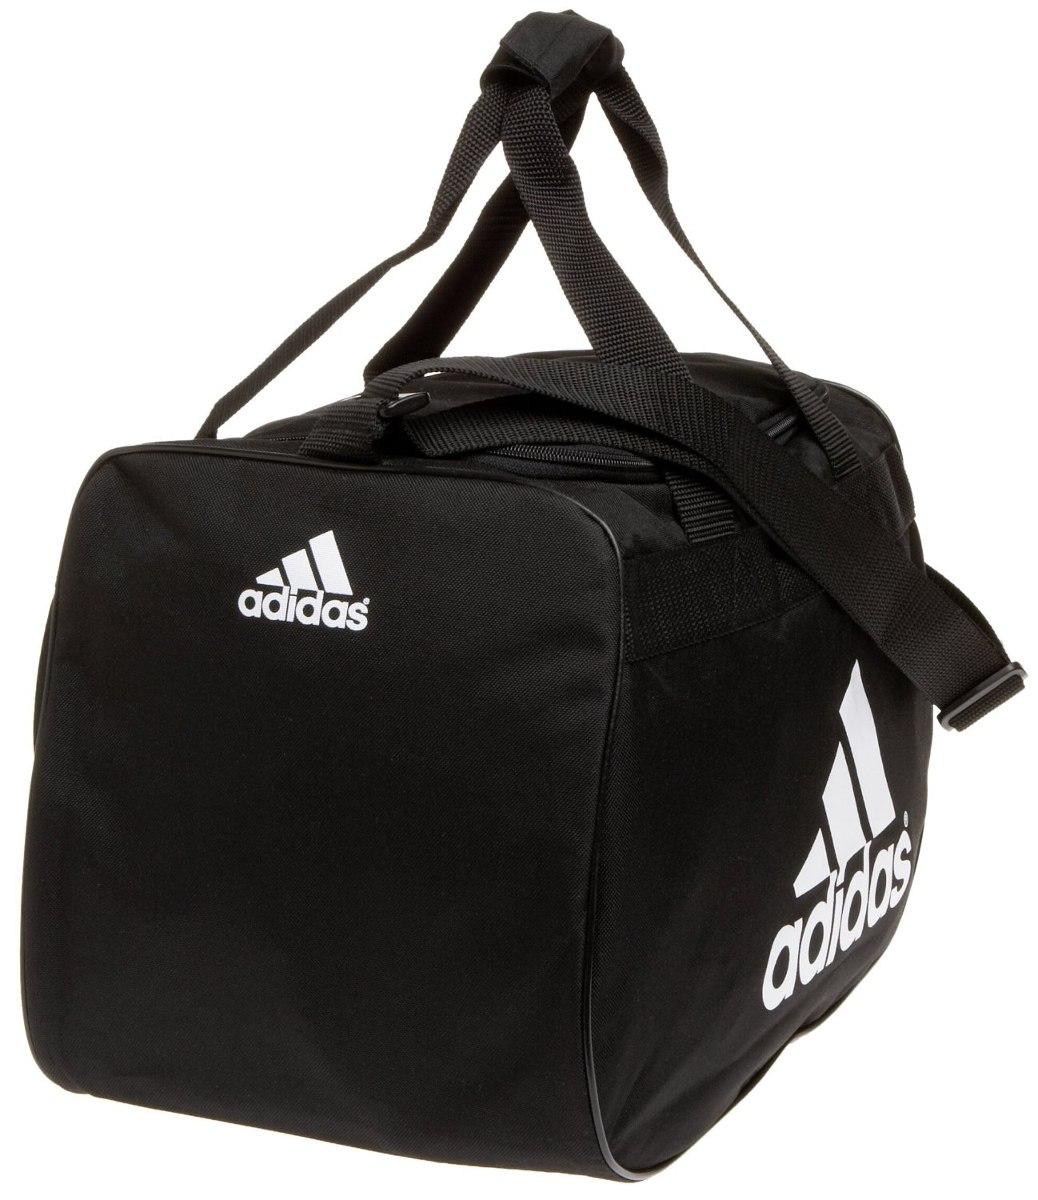 f34133c37 Agotado Maleta Deportiva adidas Luxe Camo Naranja maleta adidas naranja. Adidas  maleta t. transformer negro maletas ...